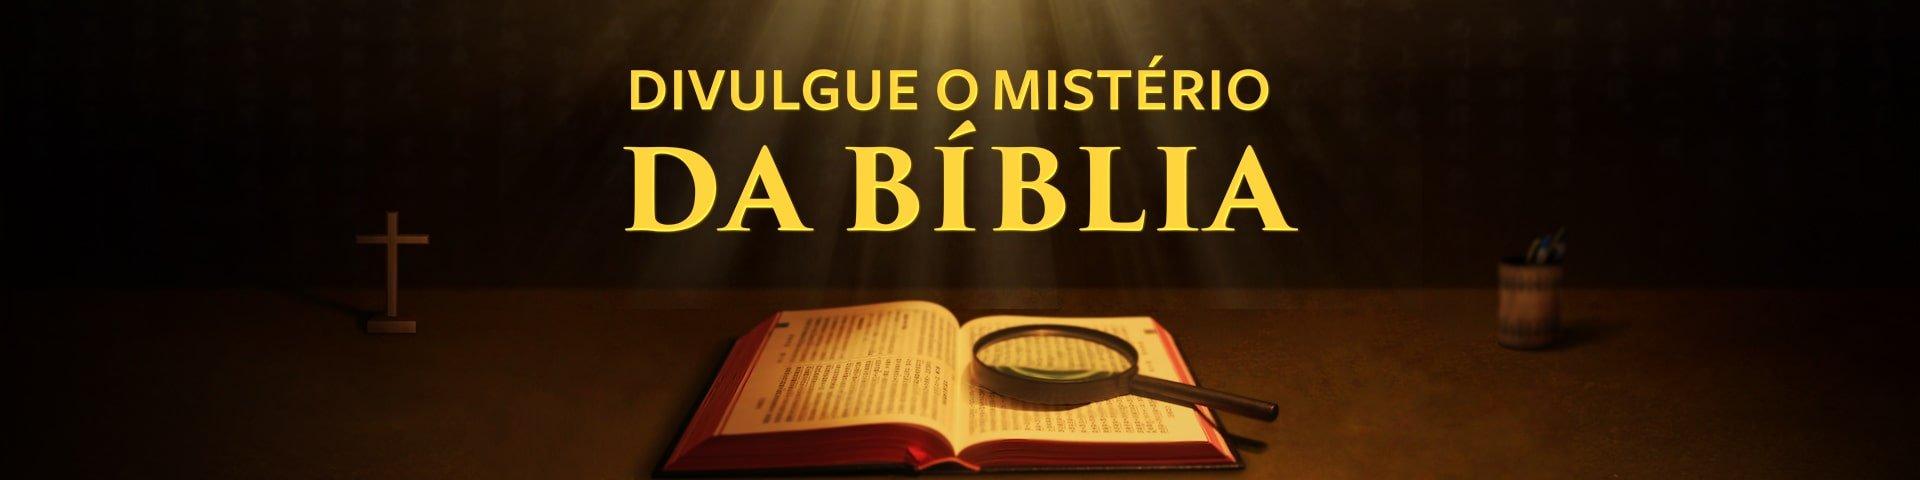 Cartaz - Divulgue o mistério da Bíblia